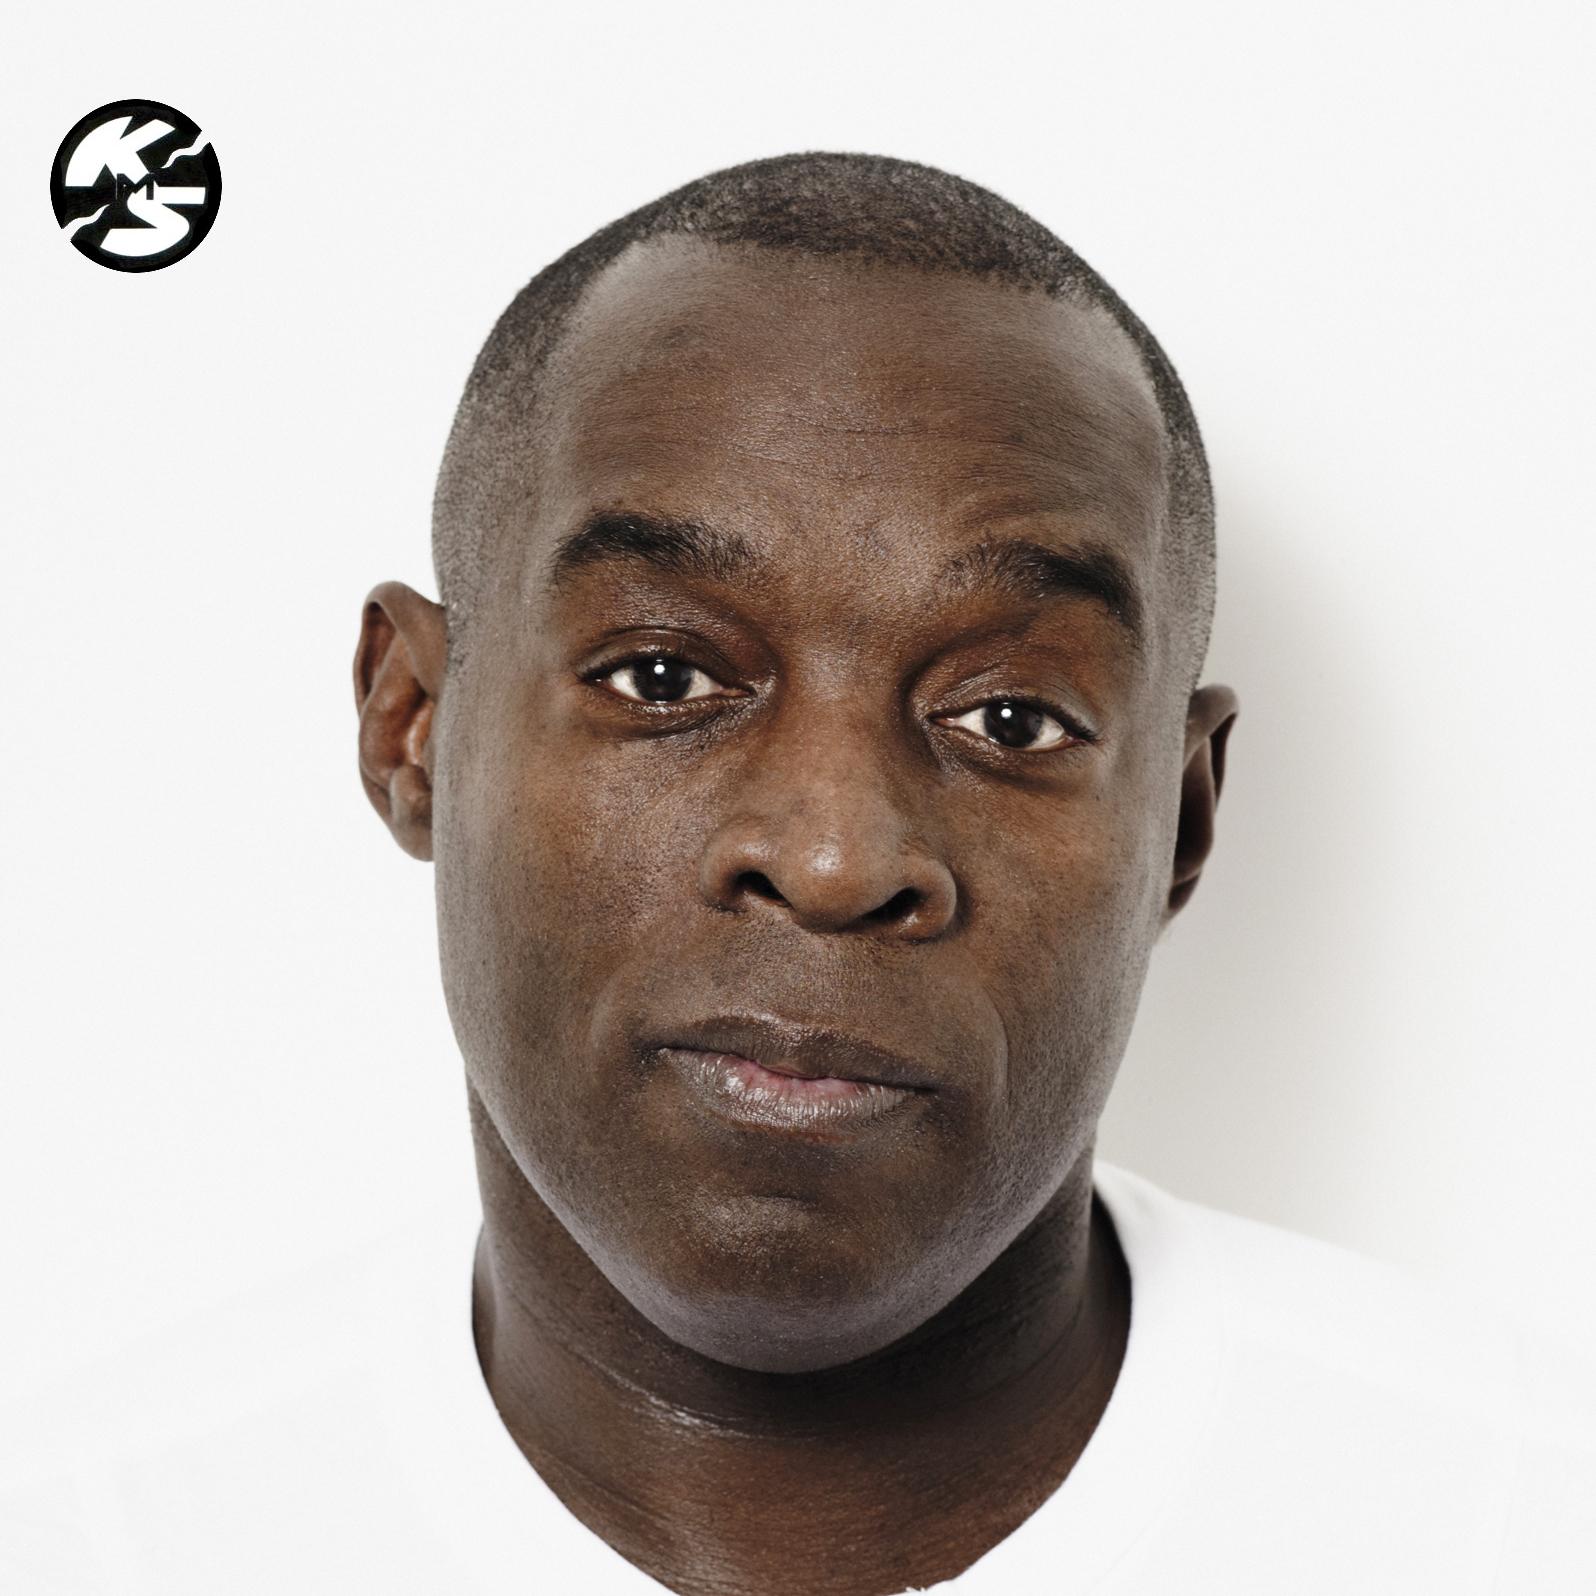 kevin-sauderson-kms-records-label-focus-detroit-techno.jpg